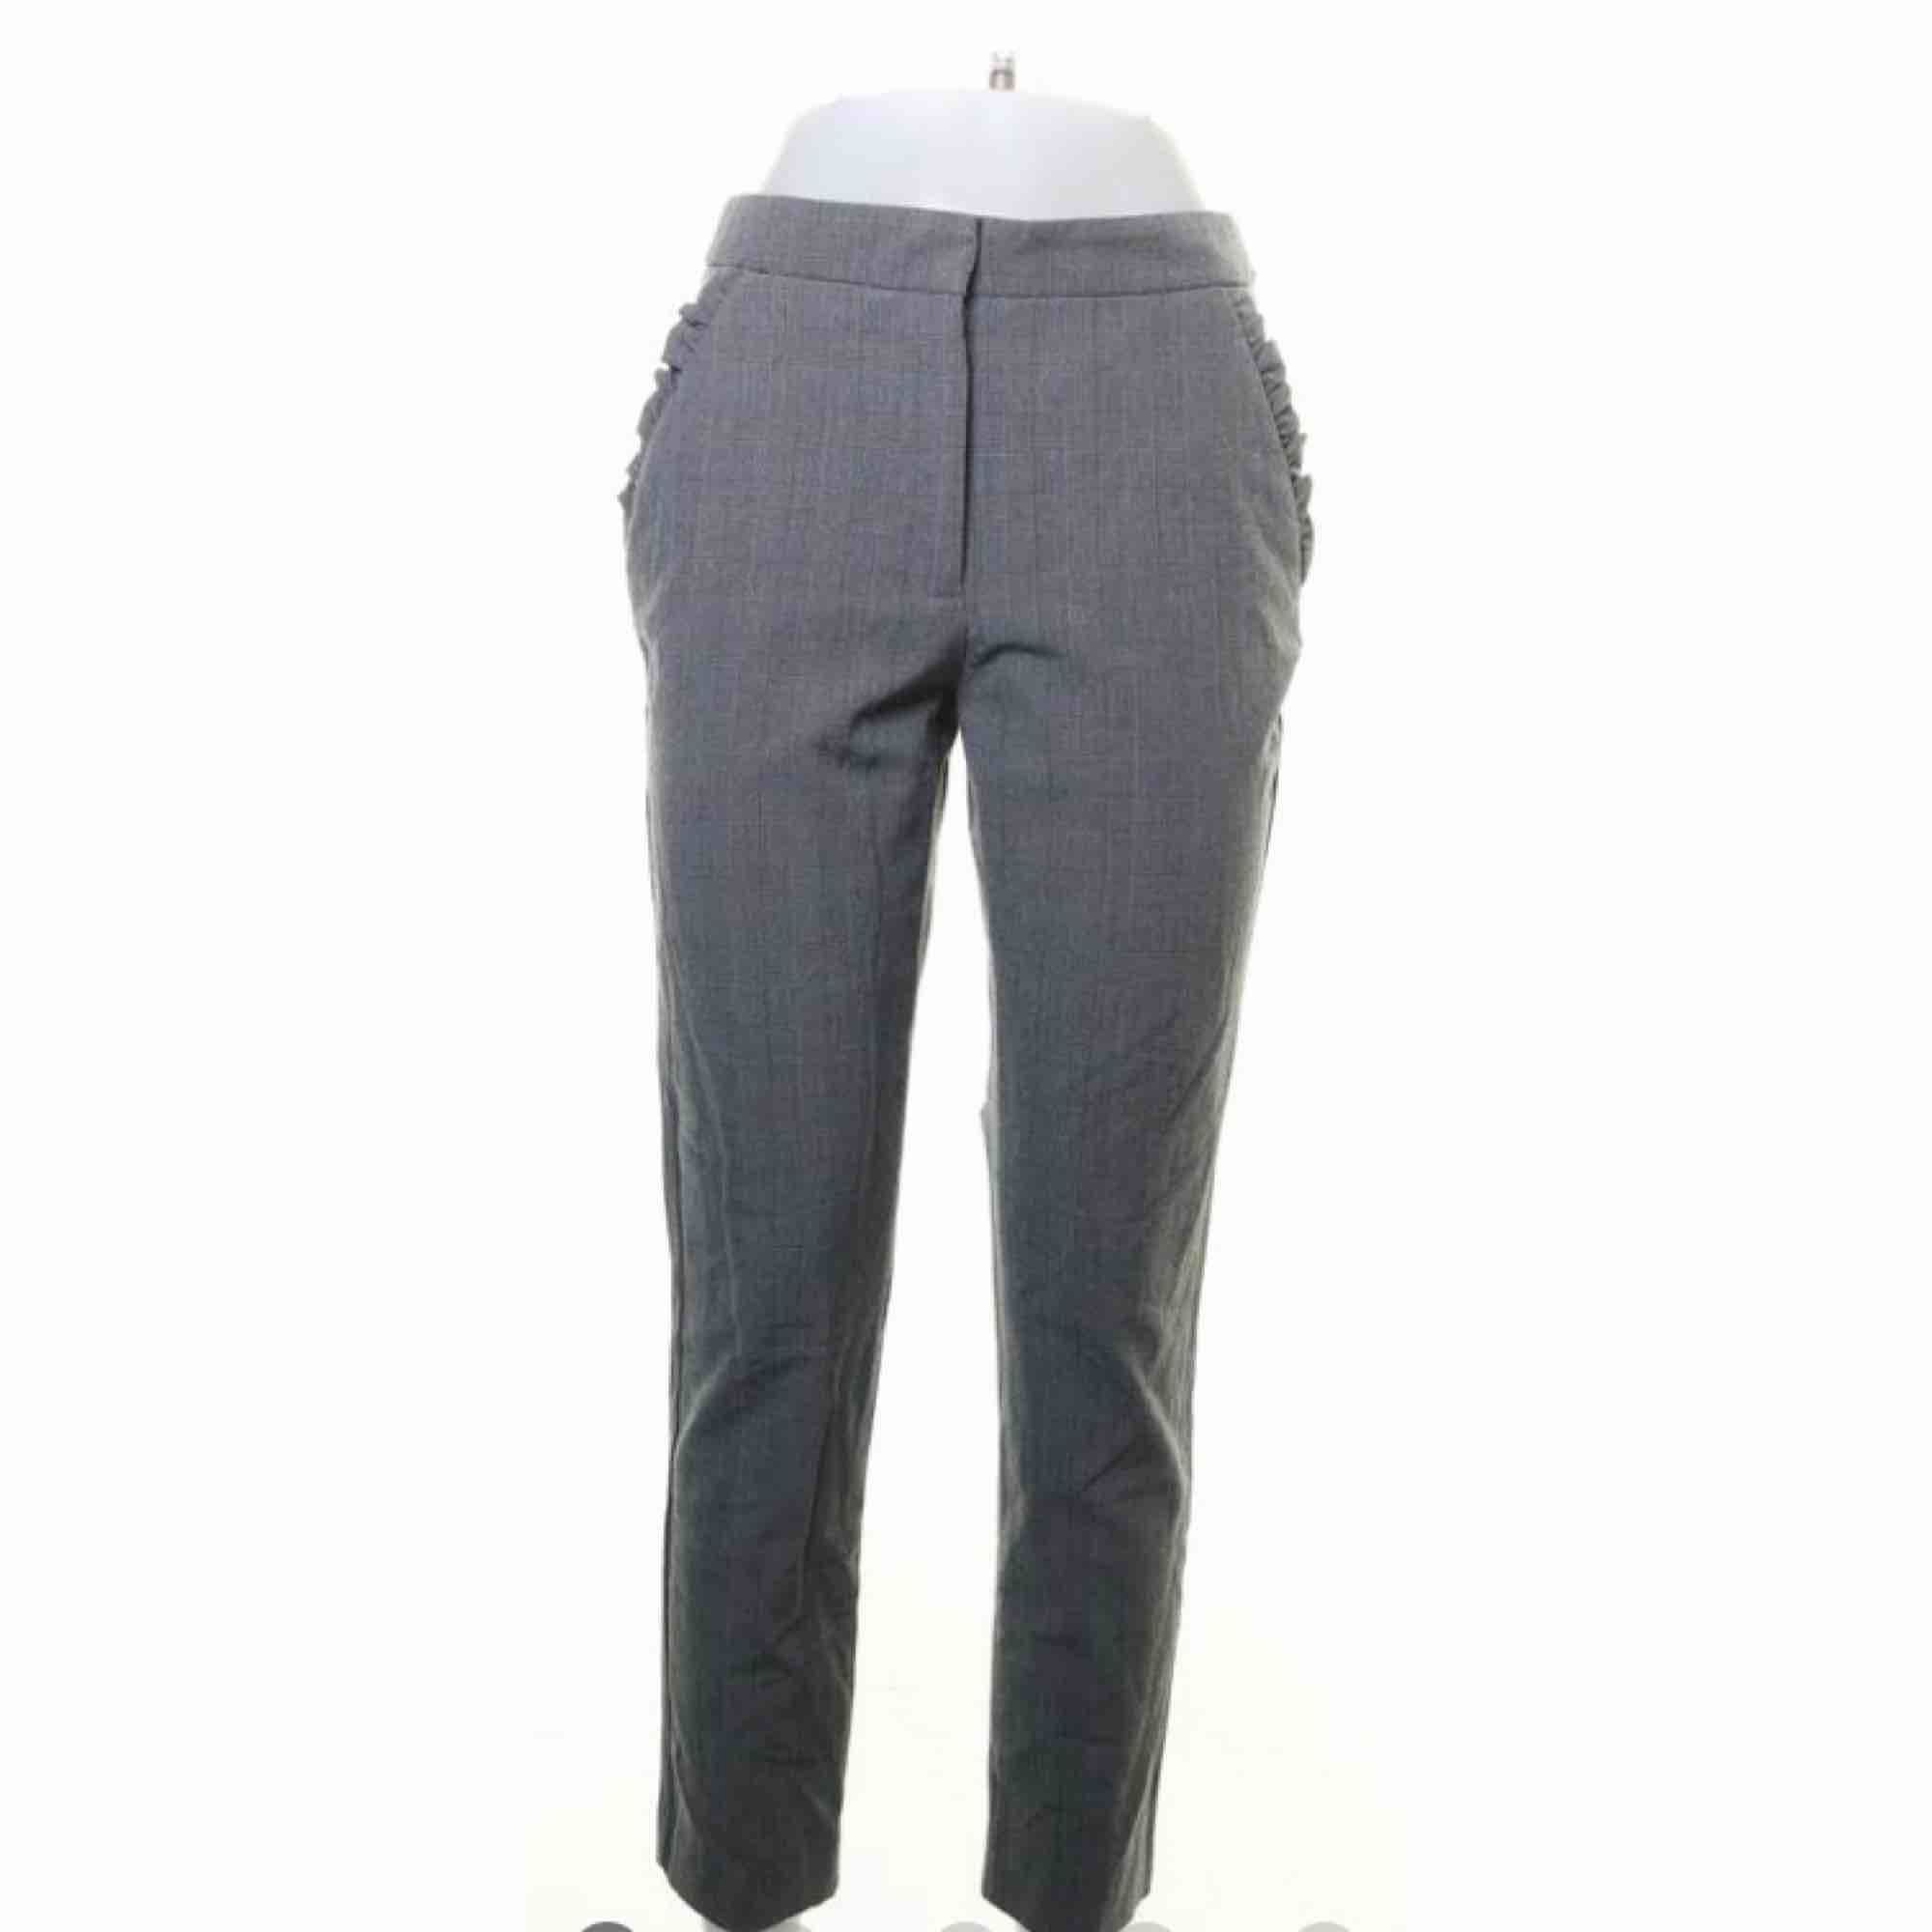 Jättefina byxor från Zara. Pris: 150kr + frakt. Jeans & Byxor.